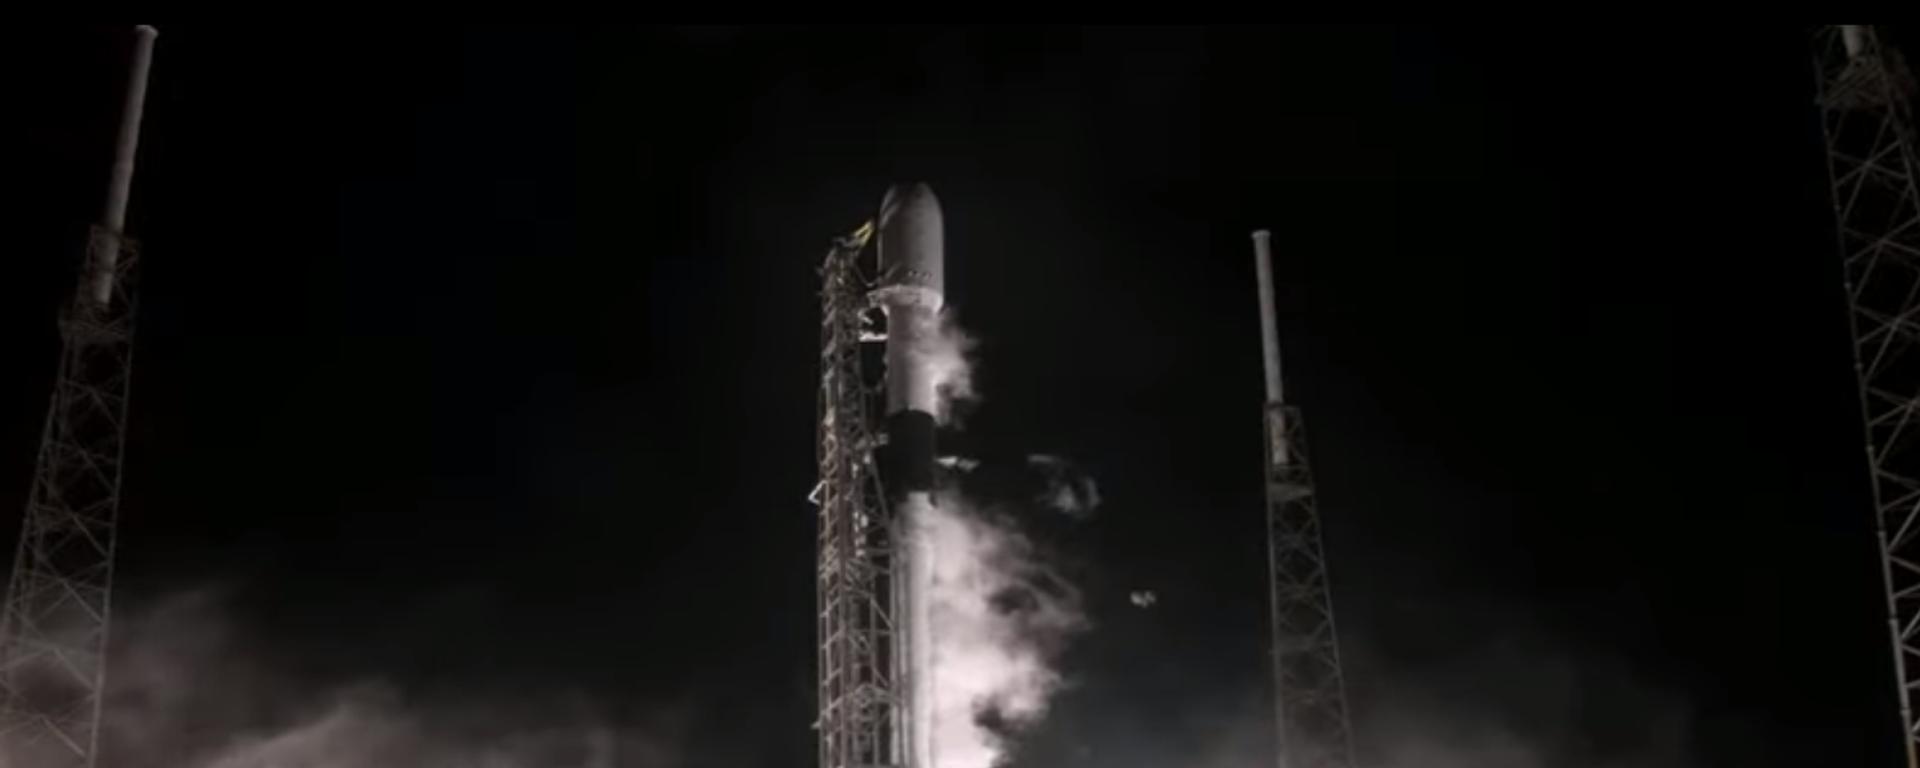 Nosná raketa Falcon 9 chvíli před startem s mysu Canaveral na Floridě - Sputnik Česká republika, 1920, 16.02.2021